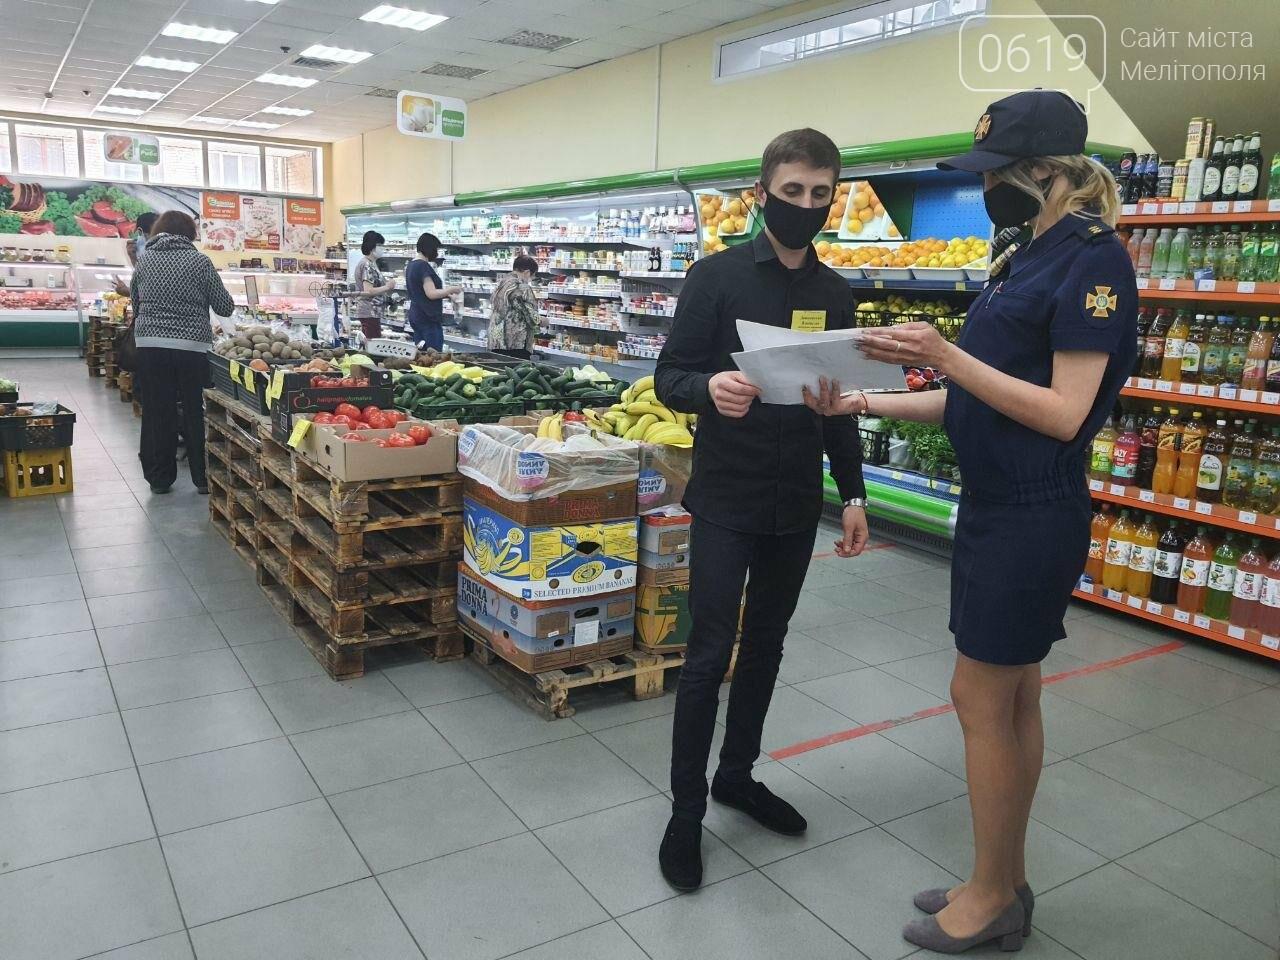 Спасатели провели разъяснительную работу в торгово-развлекательных центрах Мелитополя, фото-1